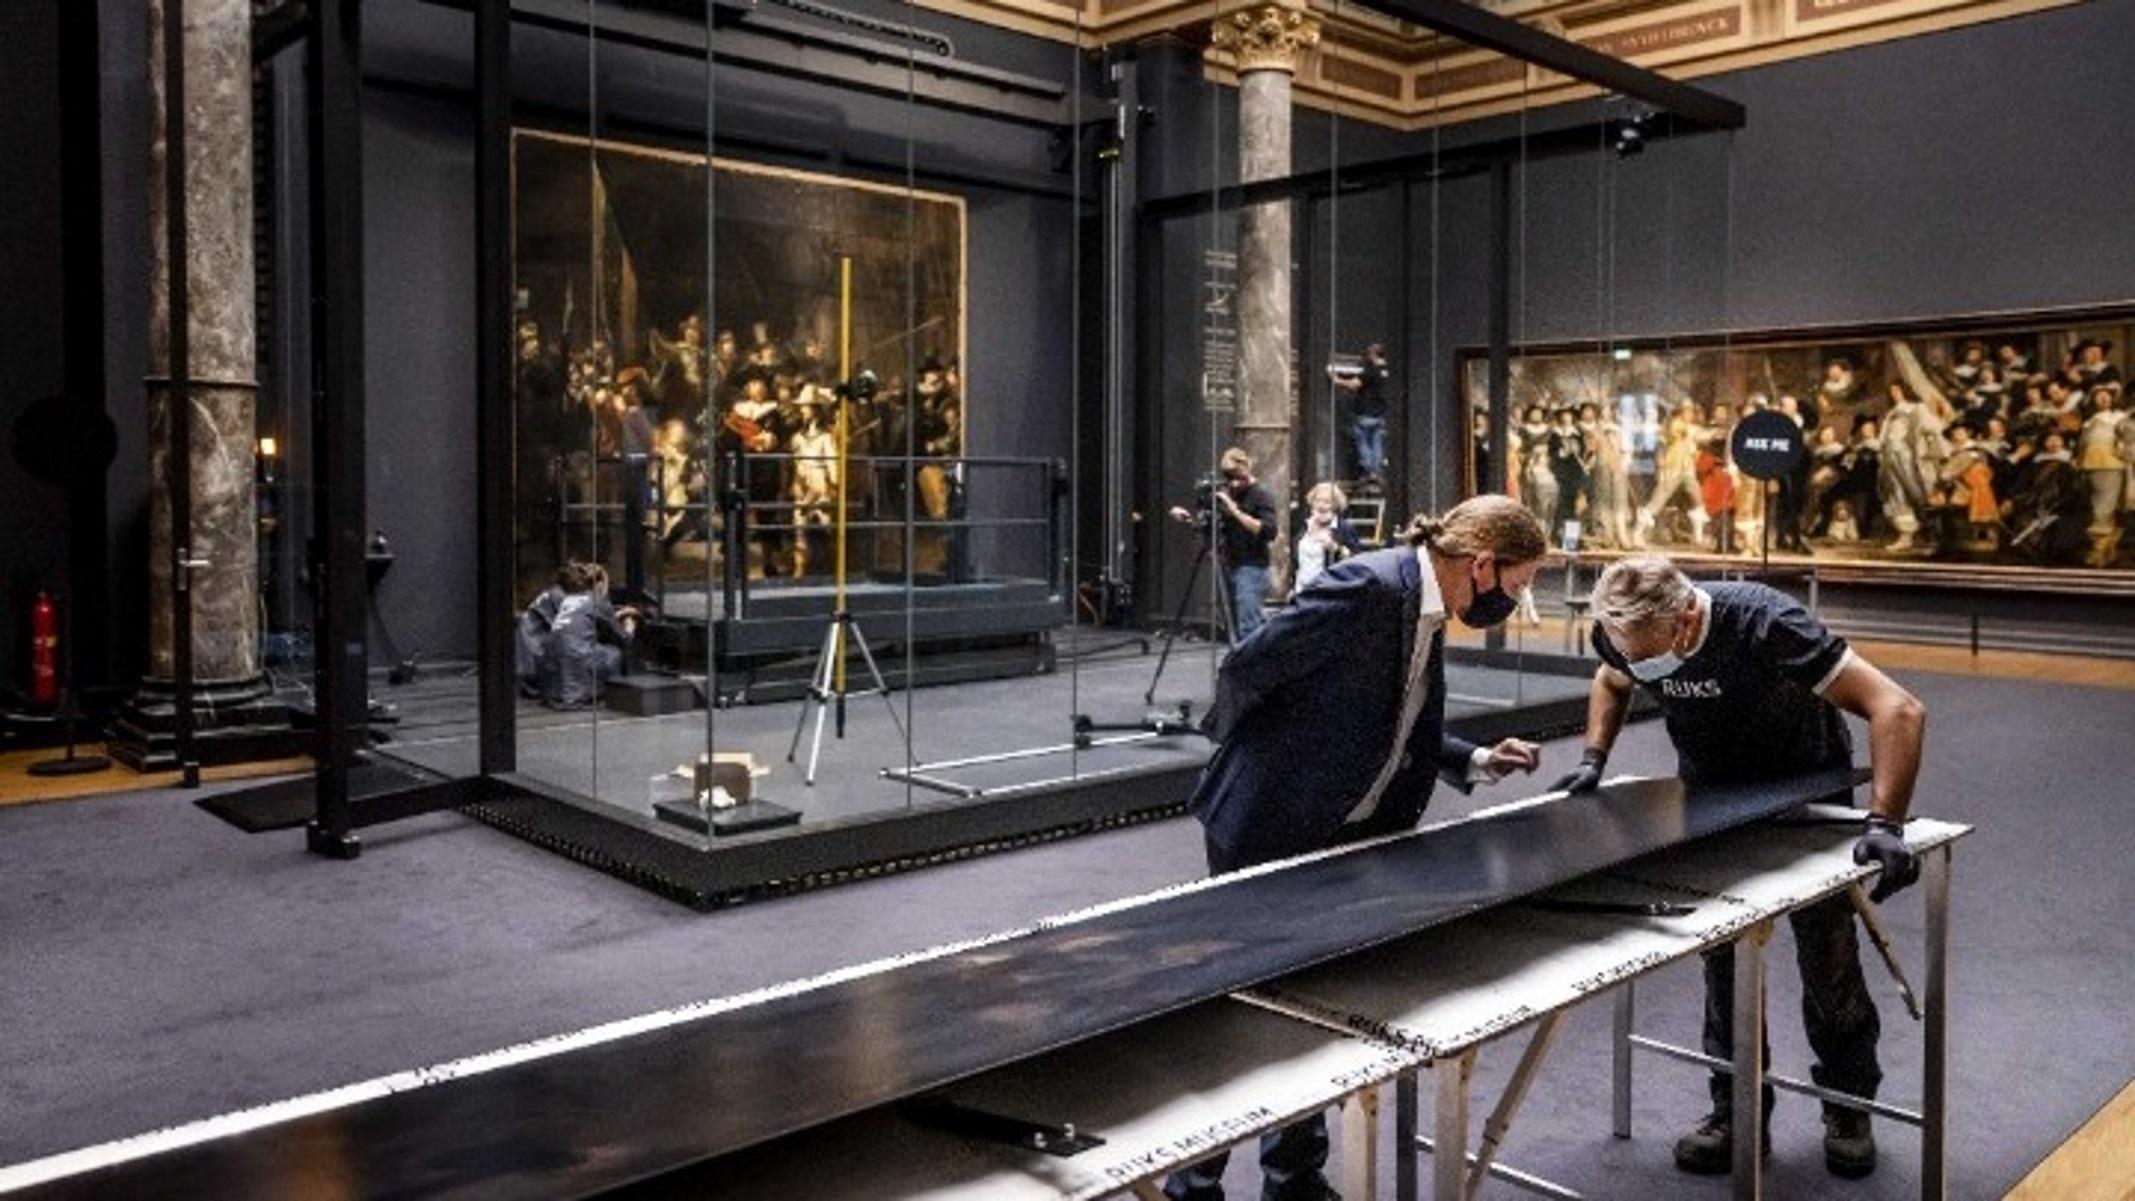 «Νυχτερινή Περίπολος»: Ο διάσημος πίνακας του Ρέμπραντ «ζωντάνεψε» με Τεχνητή Νοημοσύνη